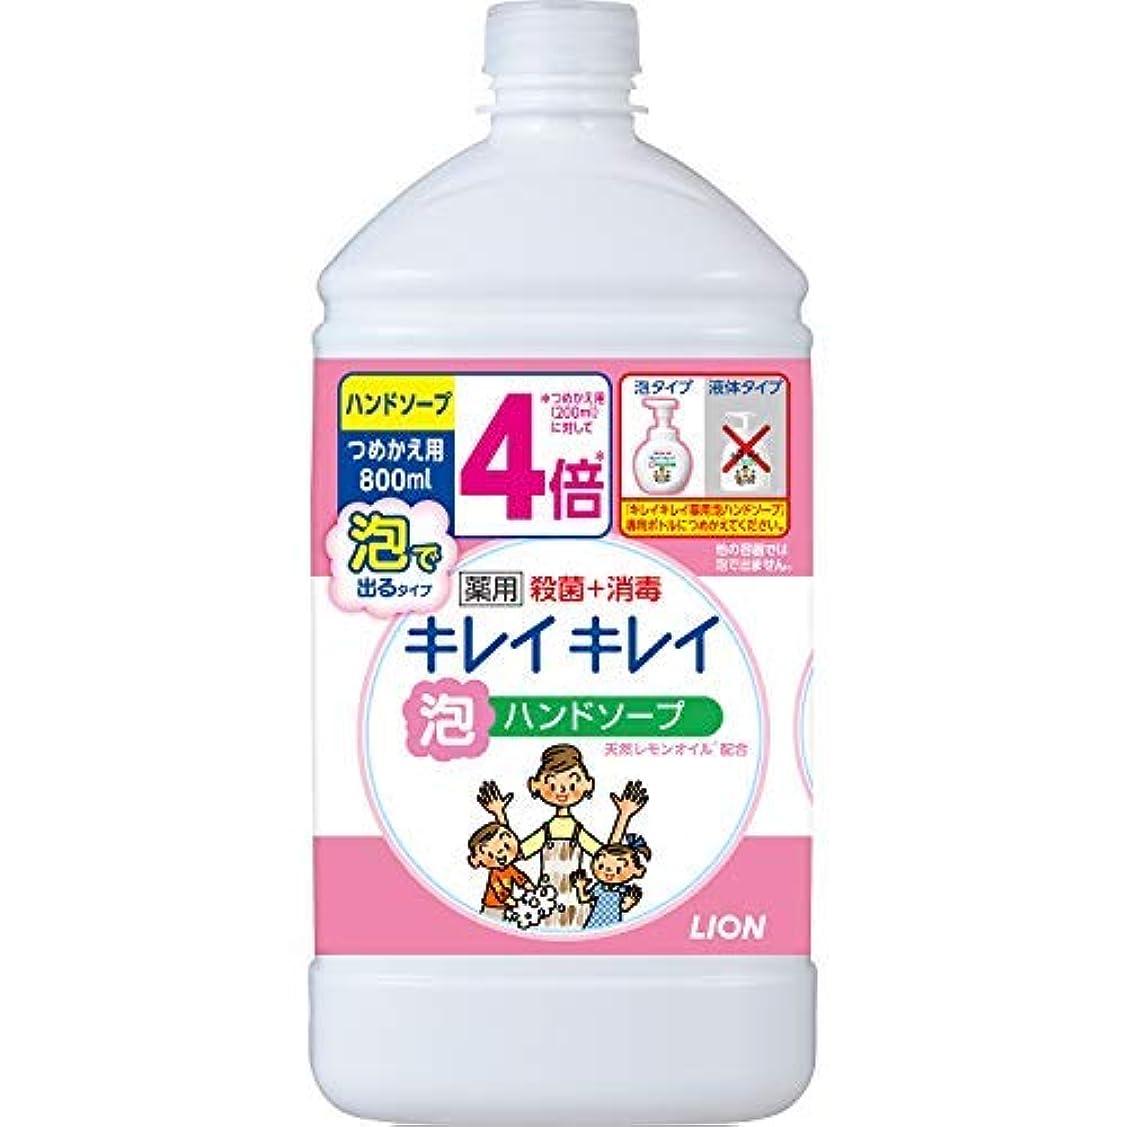 気性残りチャンスキレイキレイ 薬用泡ハンドソープ つめかえ用特大サイズ シトラスフルーティ × 3個セット